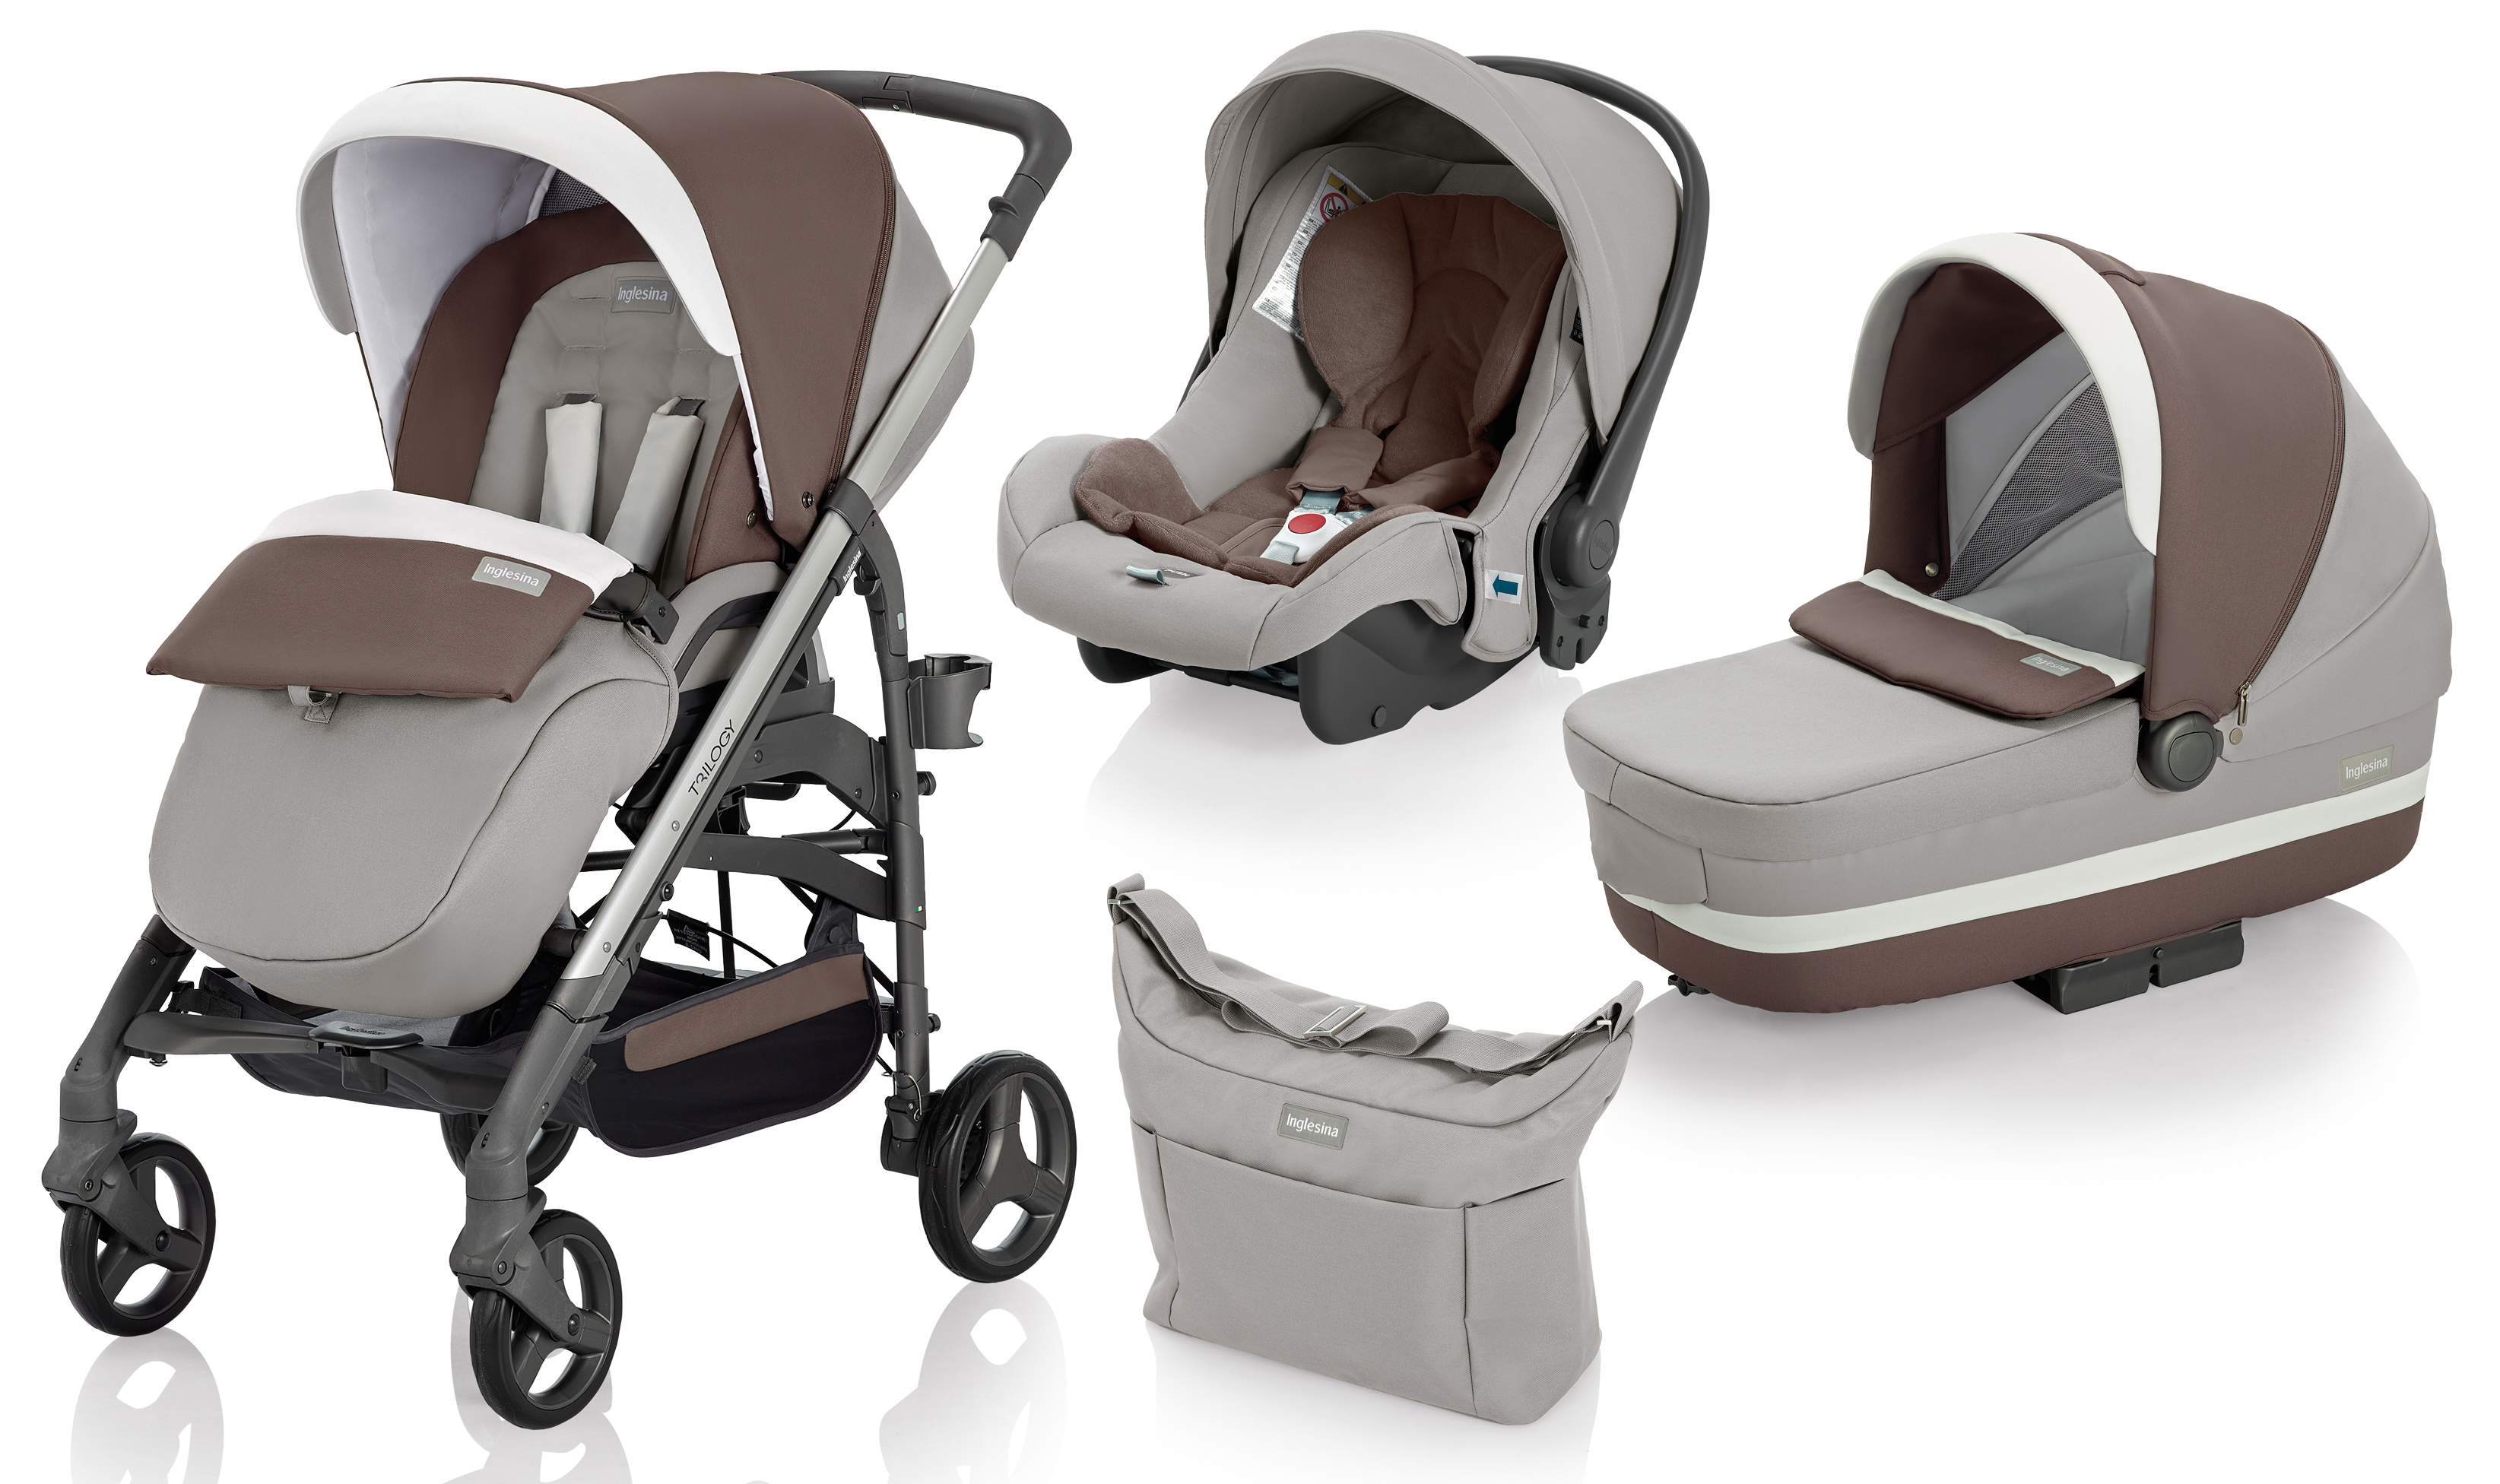 C mo escoger un carrito de beb for Carritos de bebe maclaren